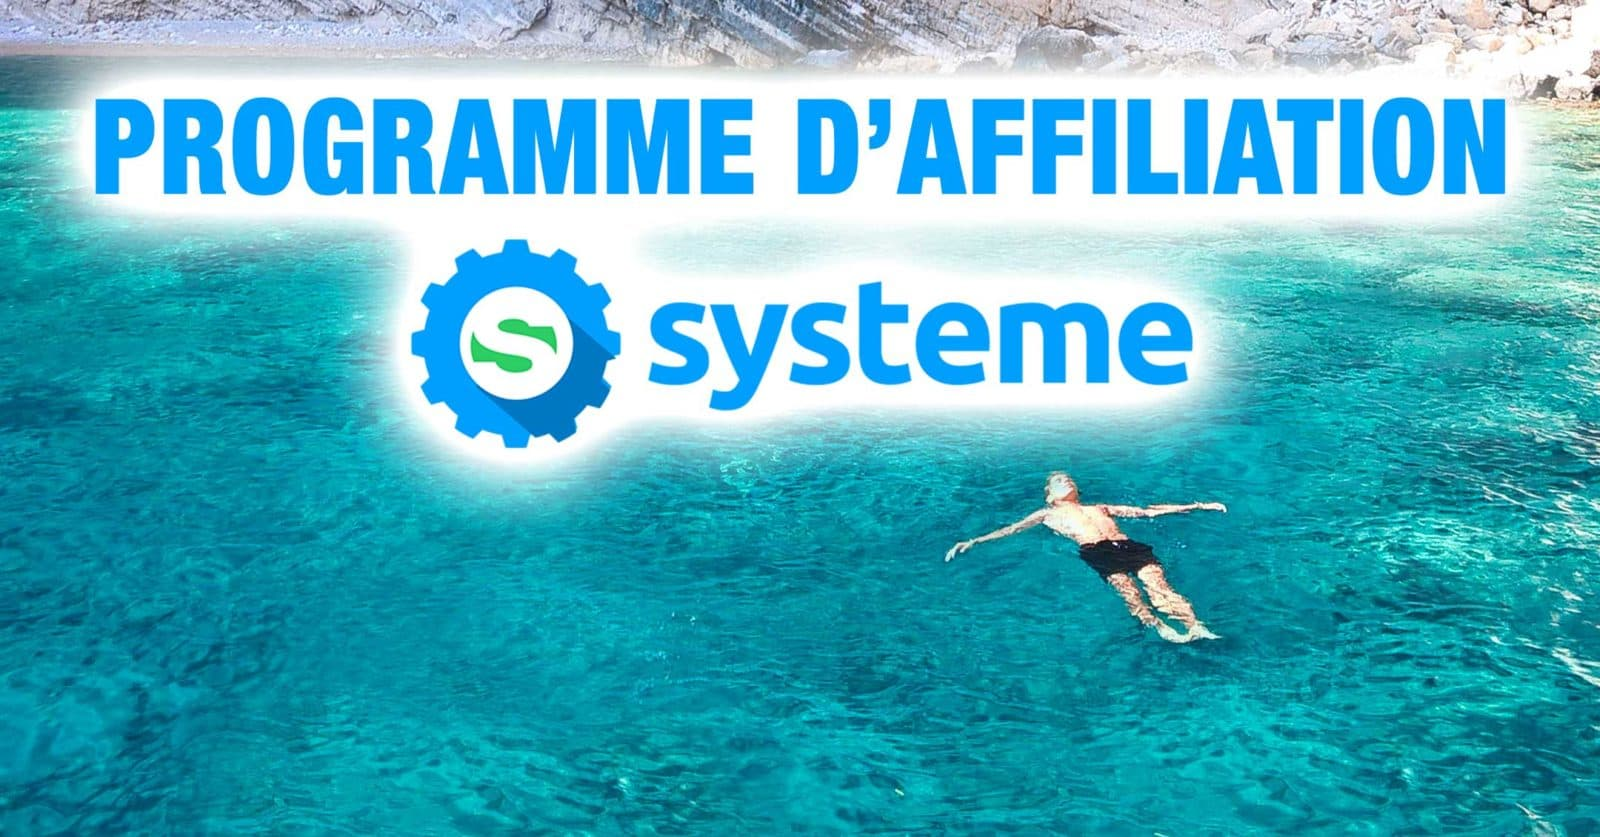 Programme d'affiliation de Systeme.io